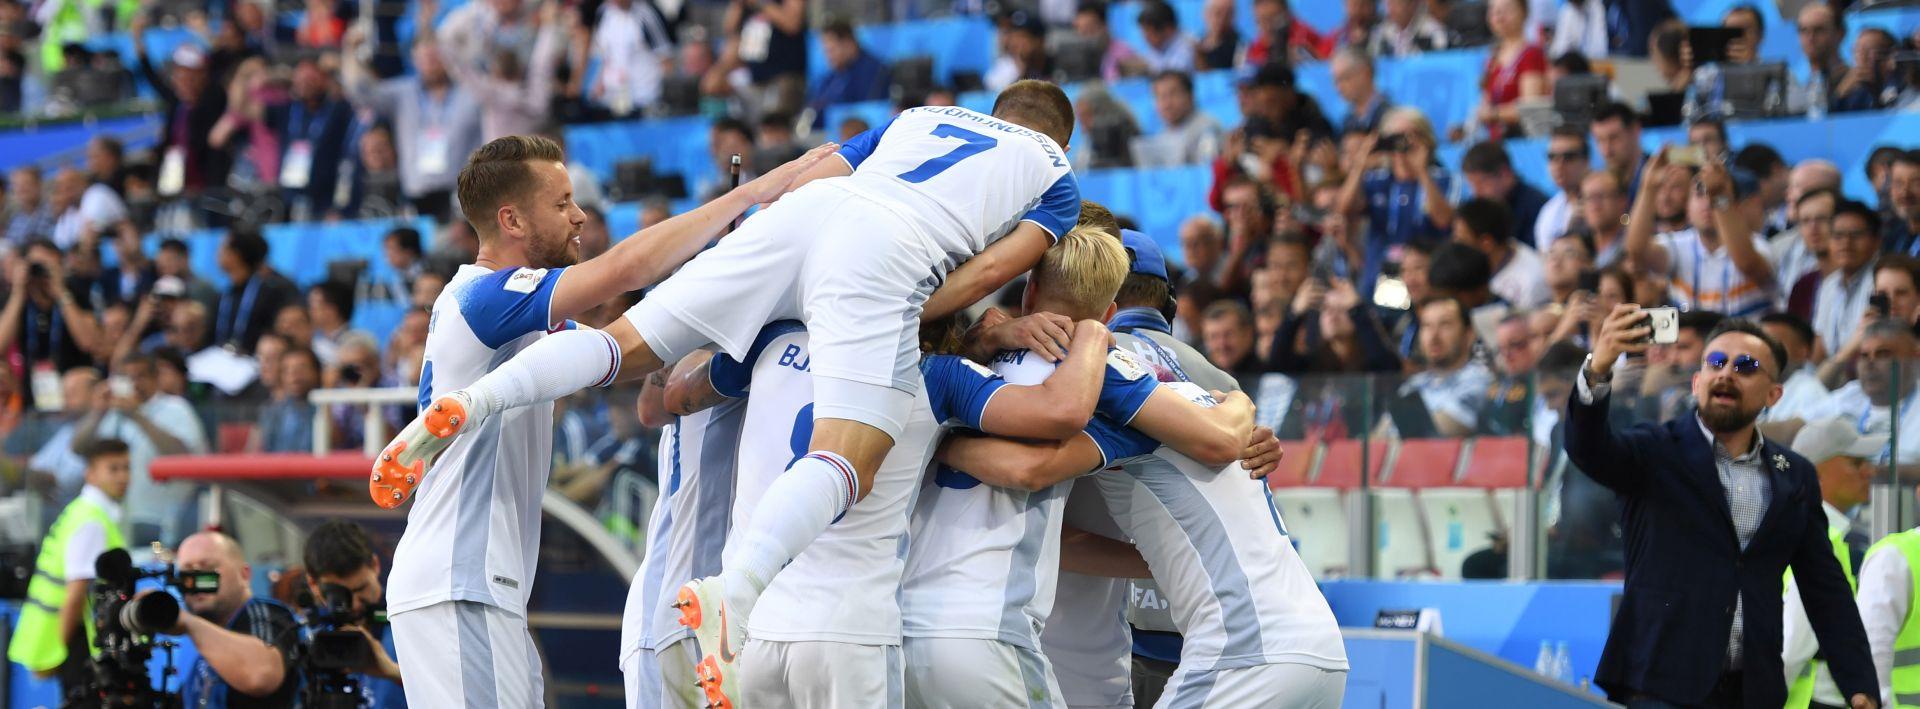 PRVO IZNENAĐENJE Island uzeo bod Argentini, Messi promašio penal za pobjedu